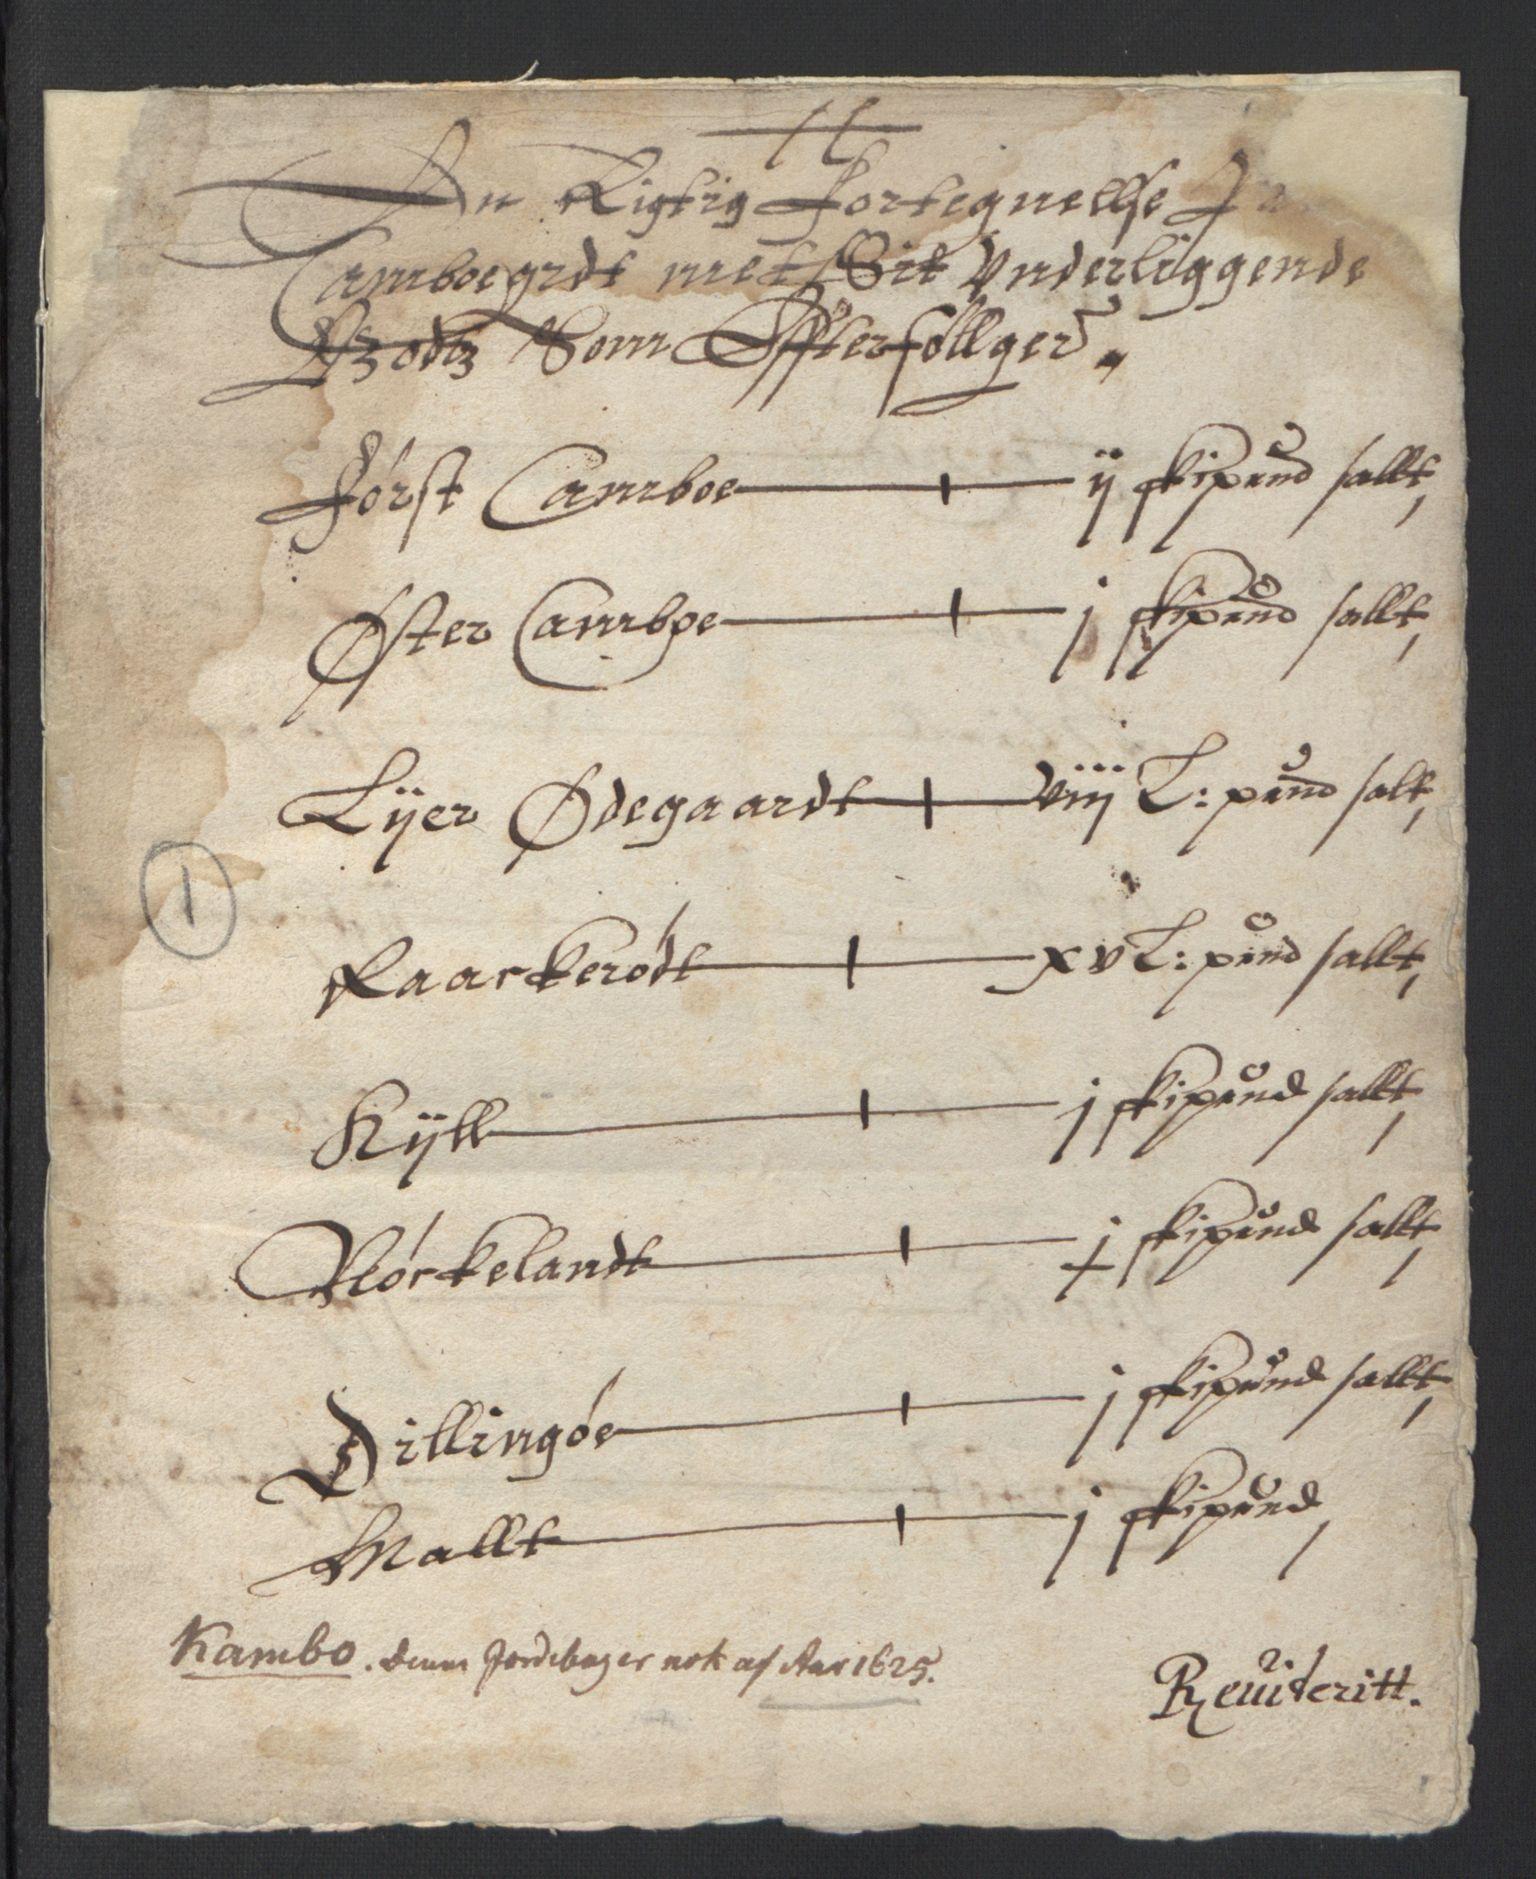 RA, Stattholderembetet 1572-1771, Ek/L0007: Jordebøker til utlikning av rosstjeneste 1624-1626:, 1624-1625, s. 161